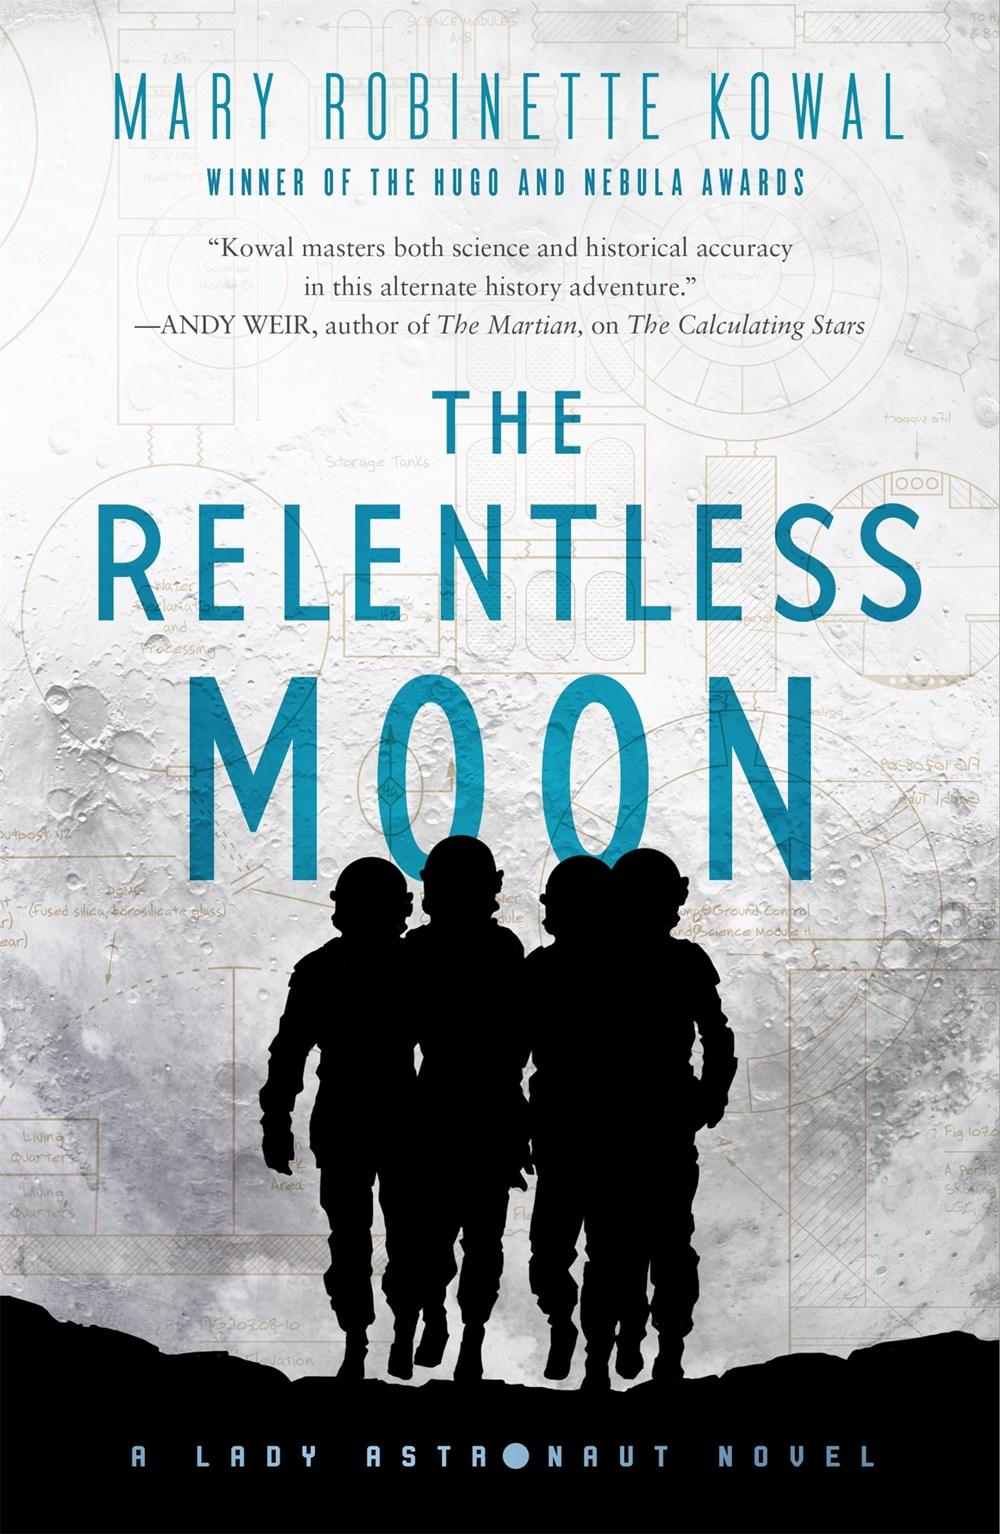 The Relentless Moon by Mary Robinette Kowal migliori libri di fantascienza 2020